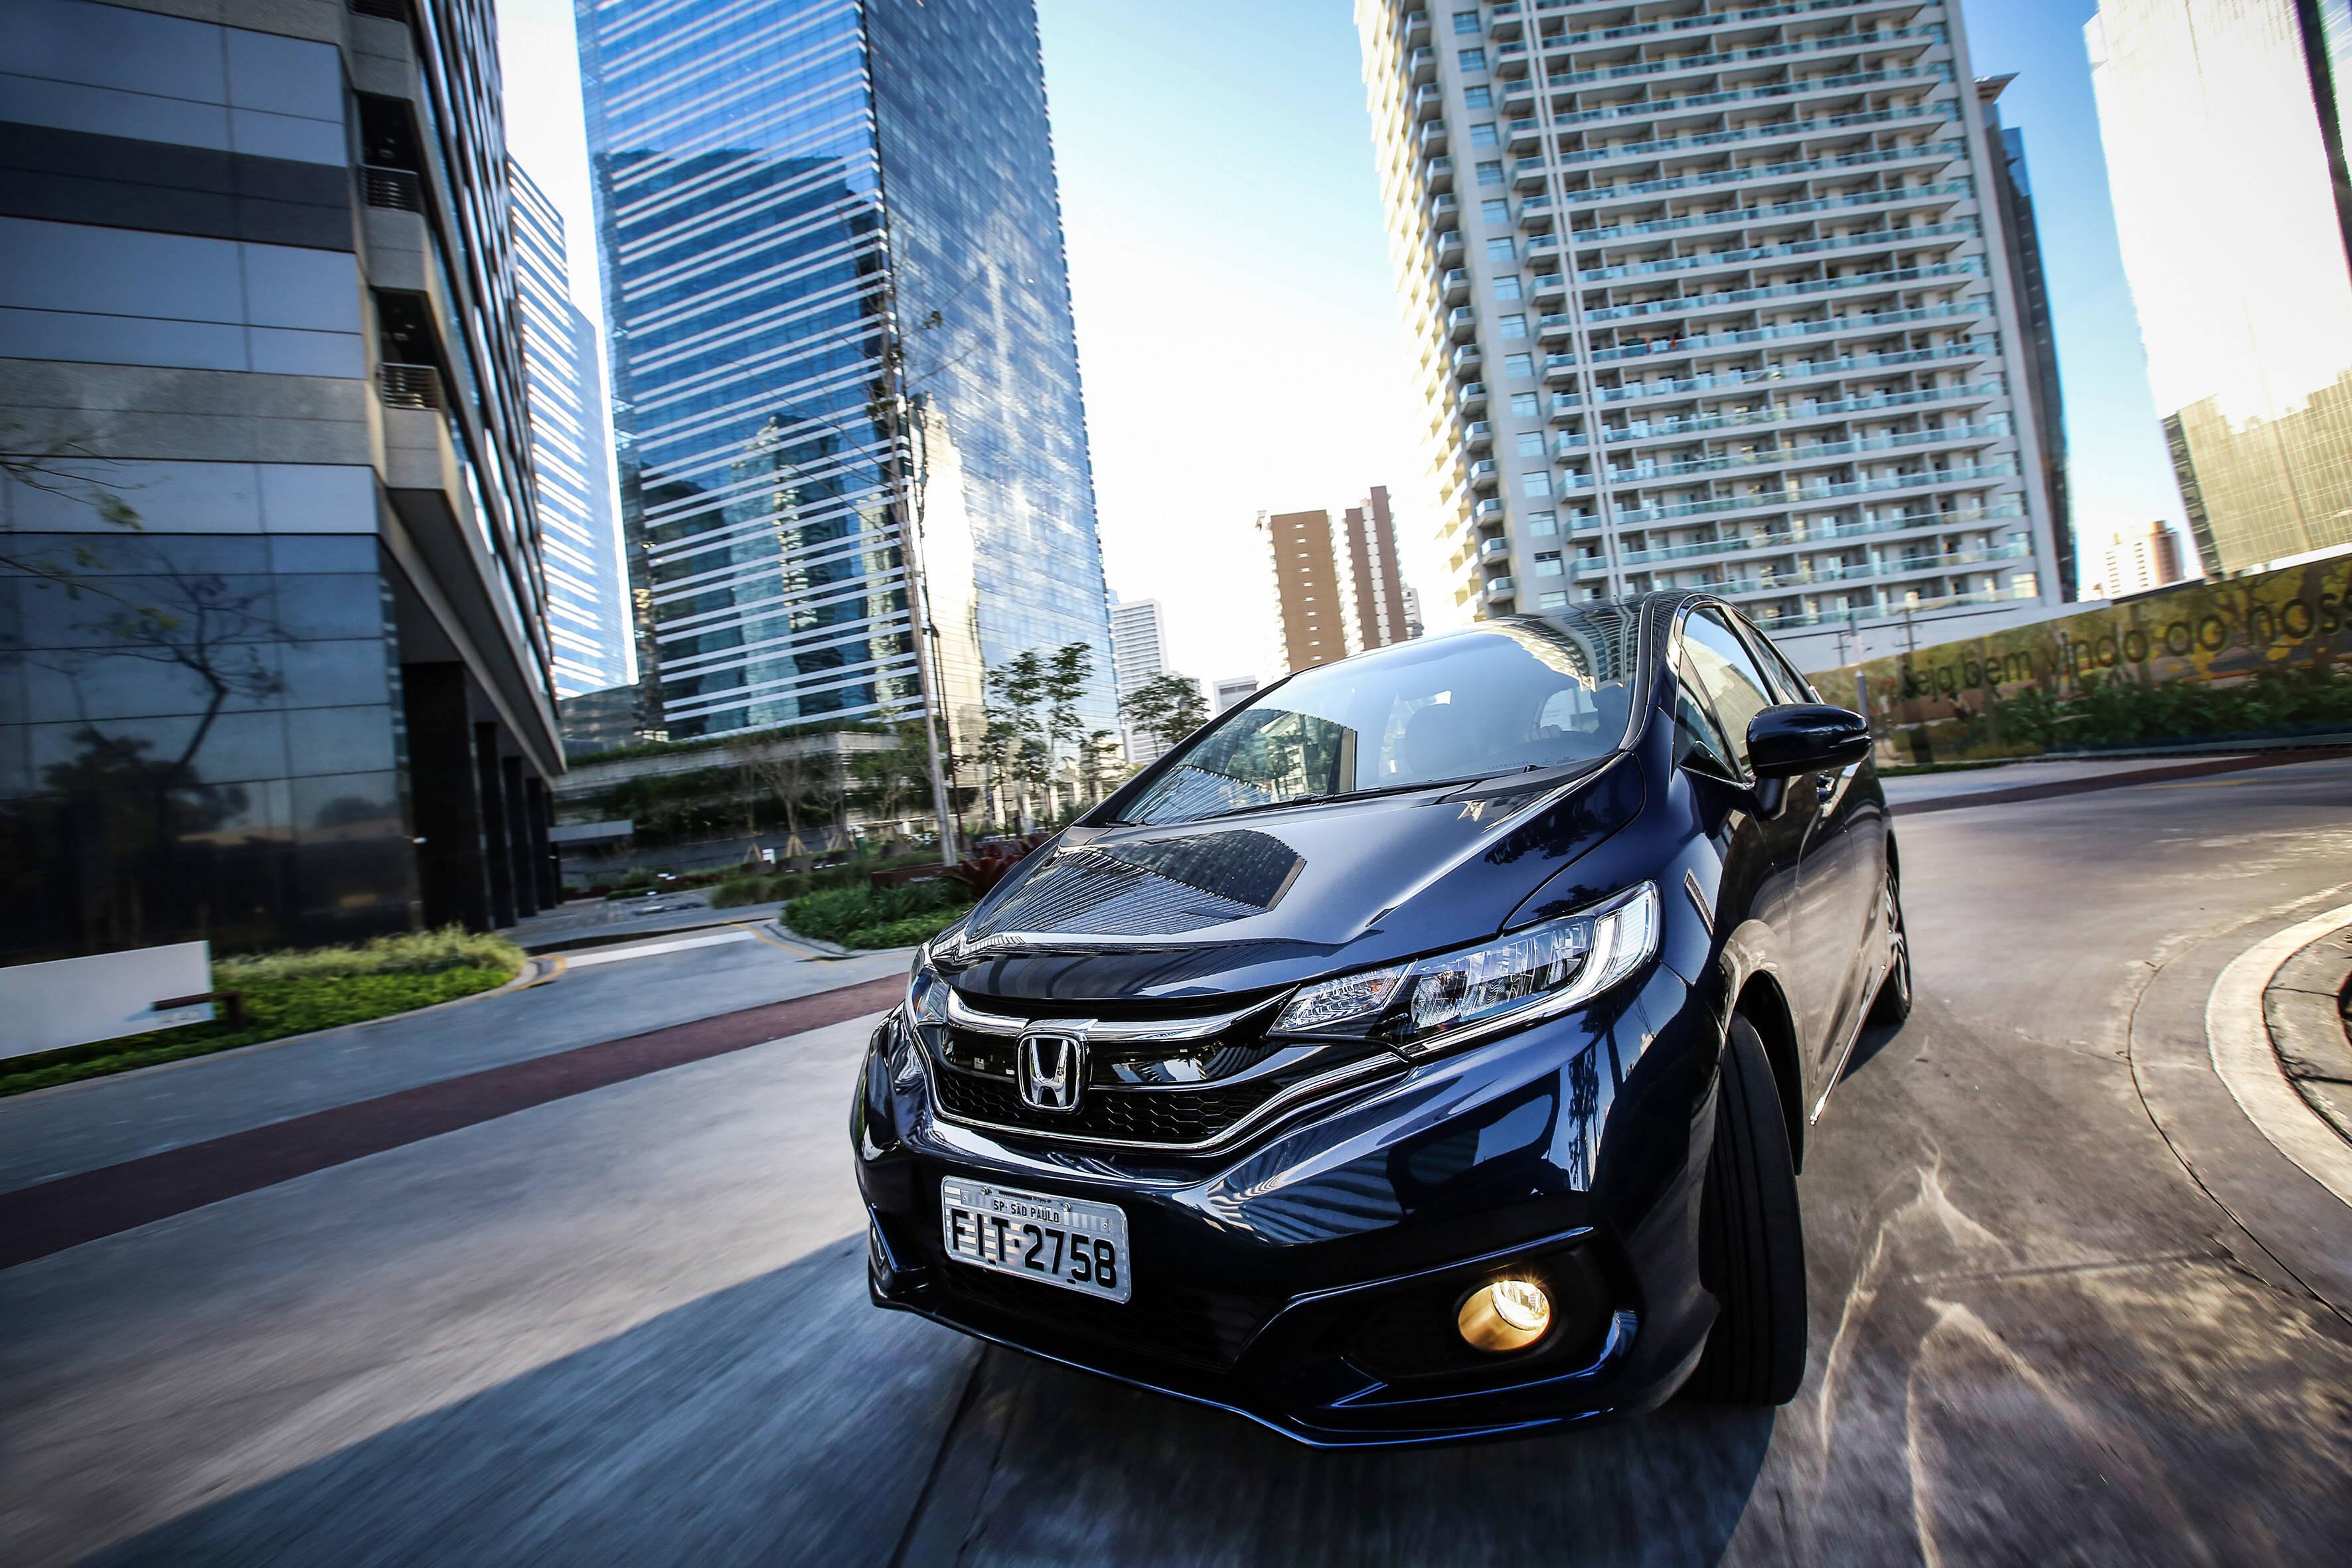 Honda Fit 2018. Foto: Divulgação